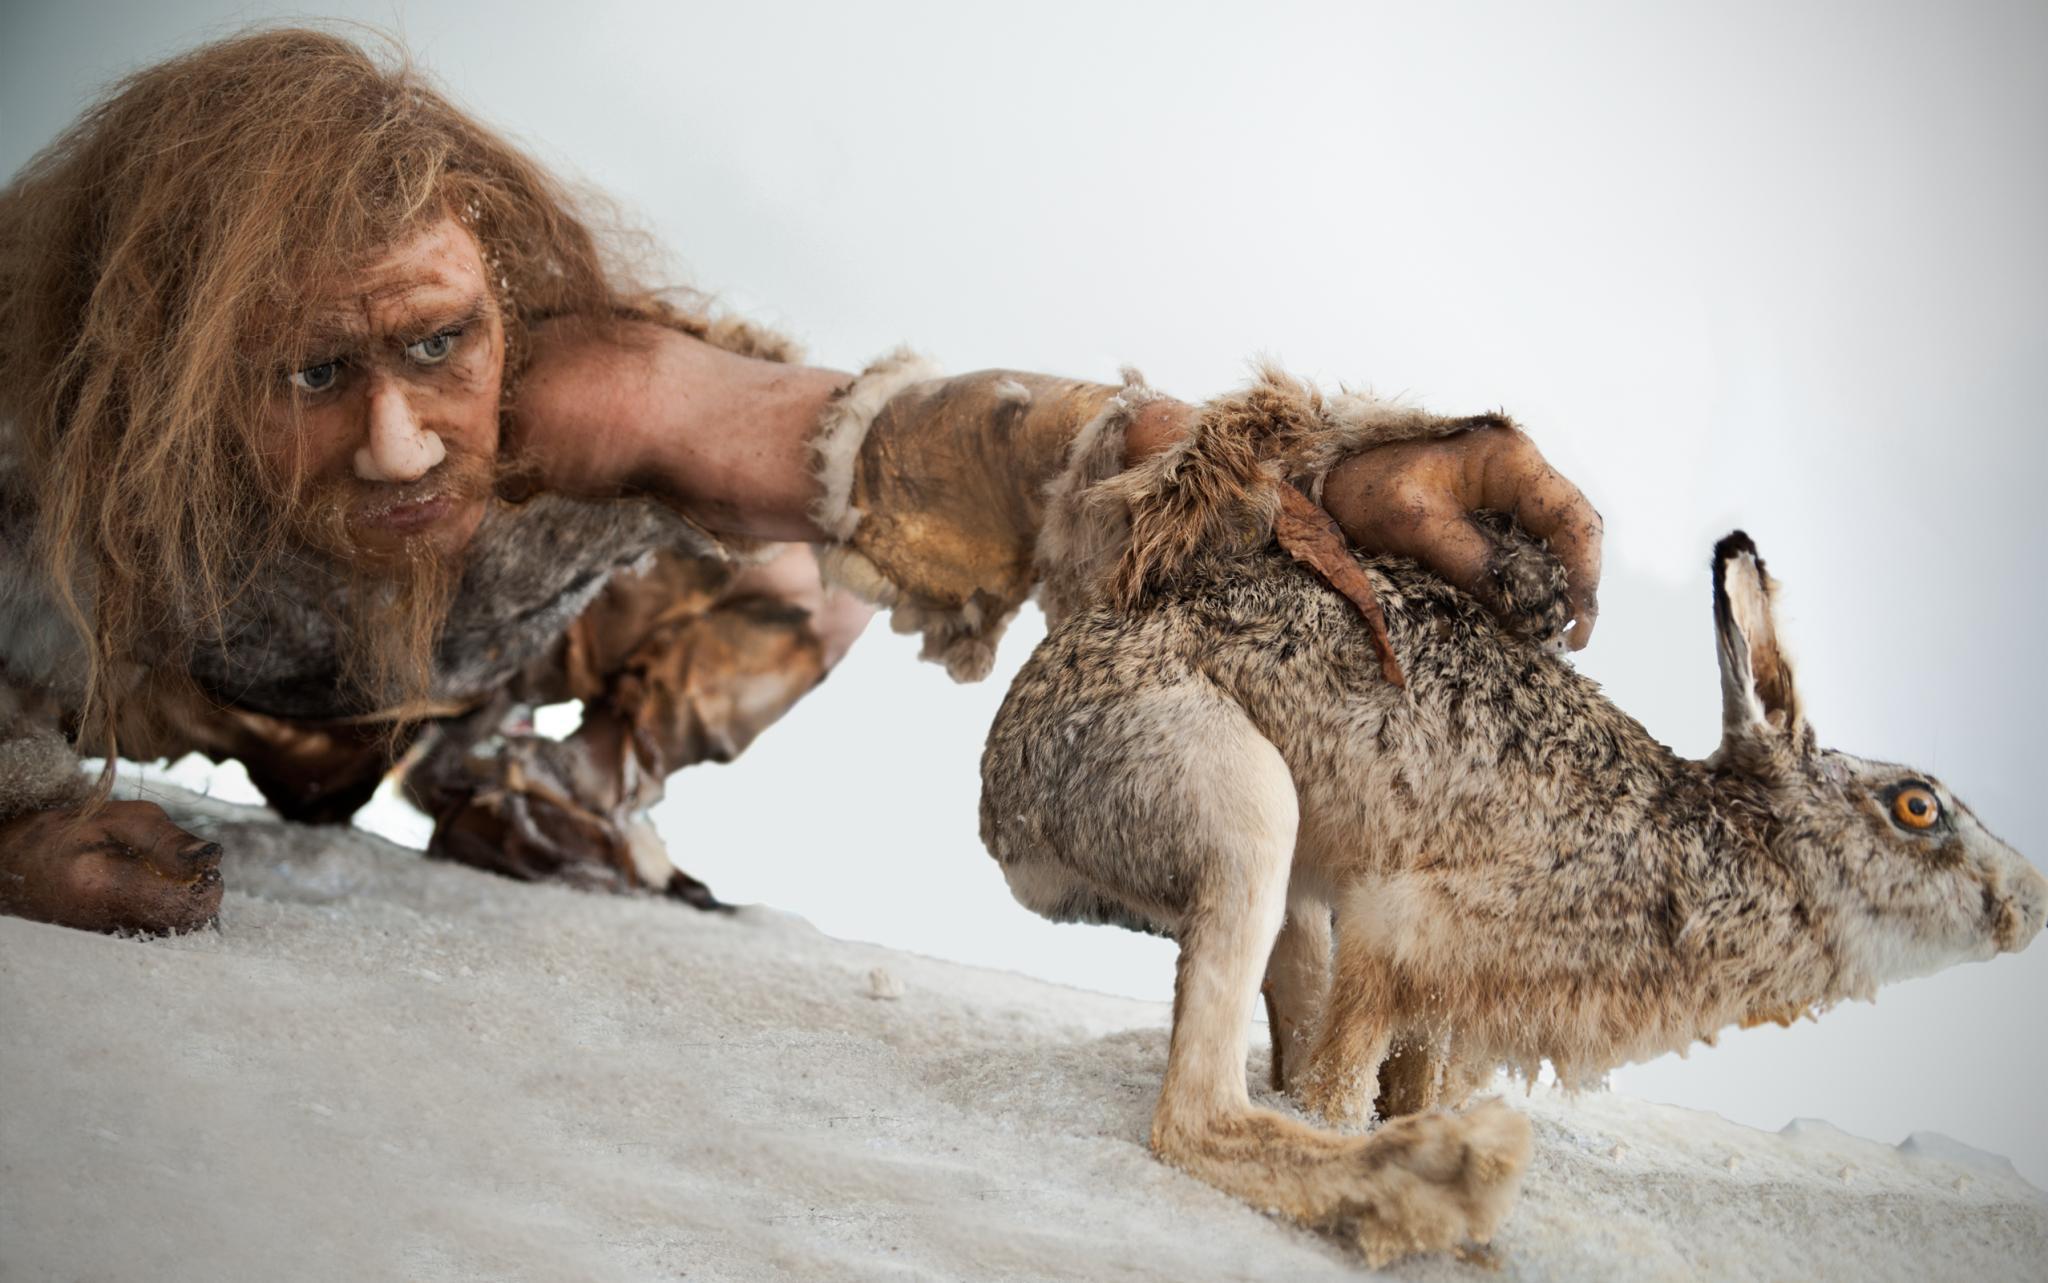 Меню наших предков могло почти полностью состоять из мяса